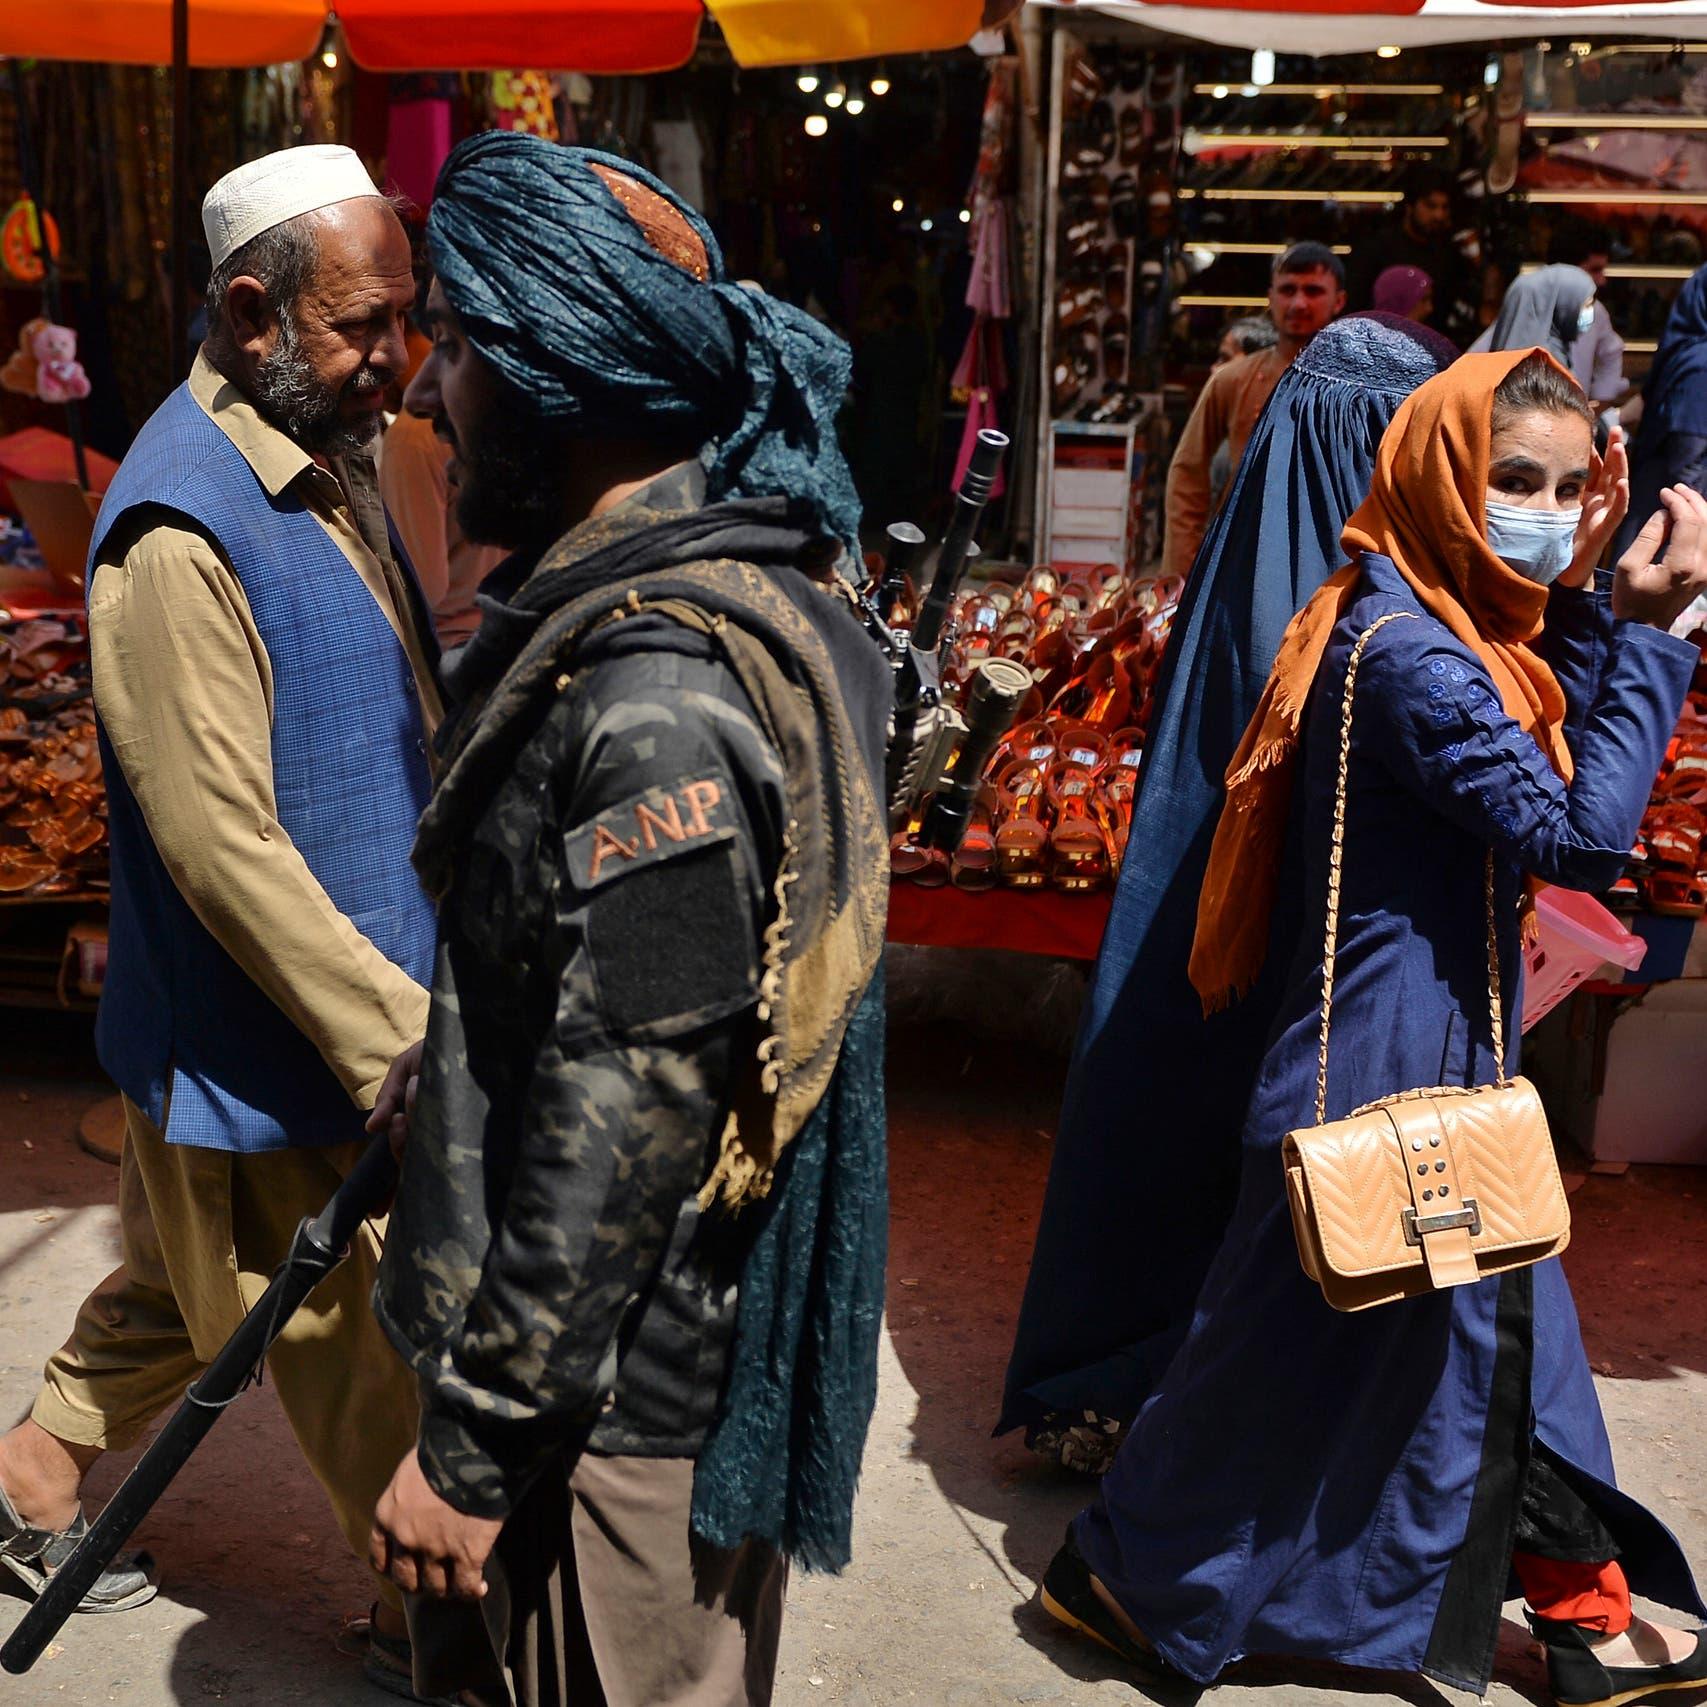 أميركا تسمح بمساعدات للأفغان.. وتمنعها عن حكومة طالبان